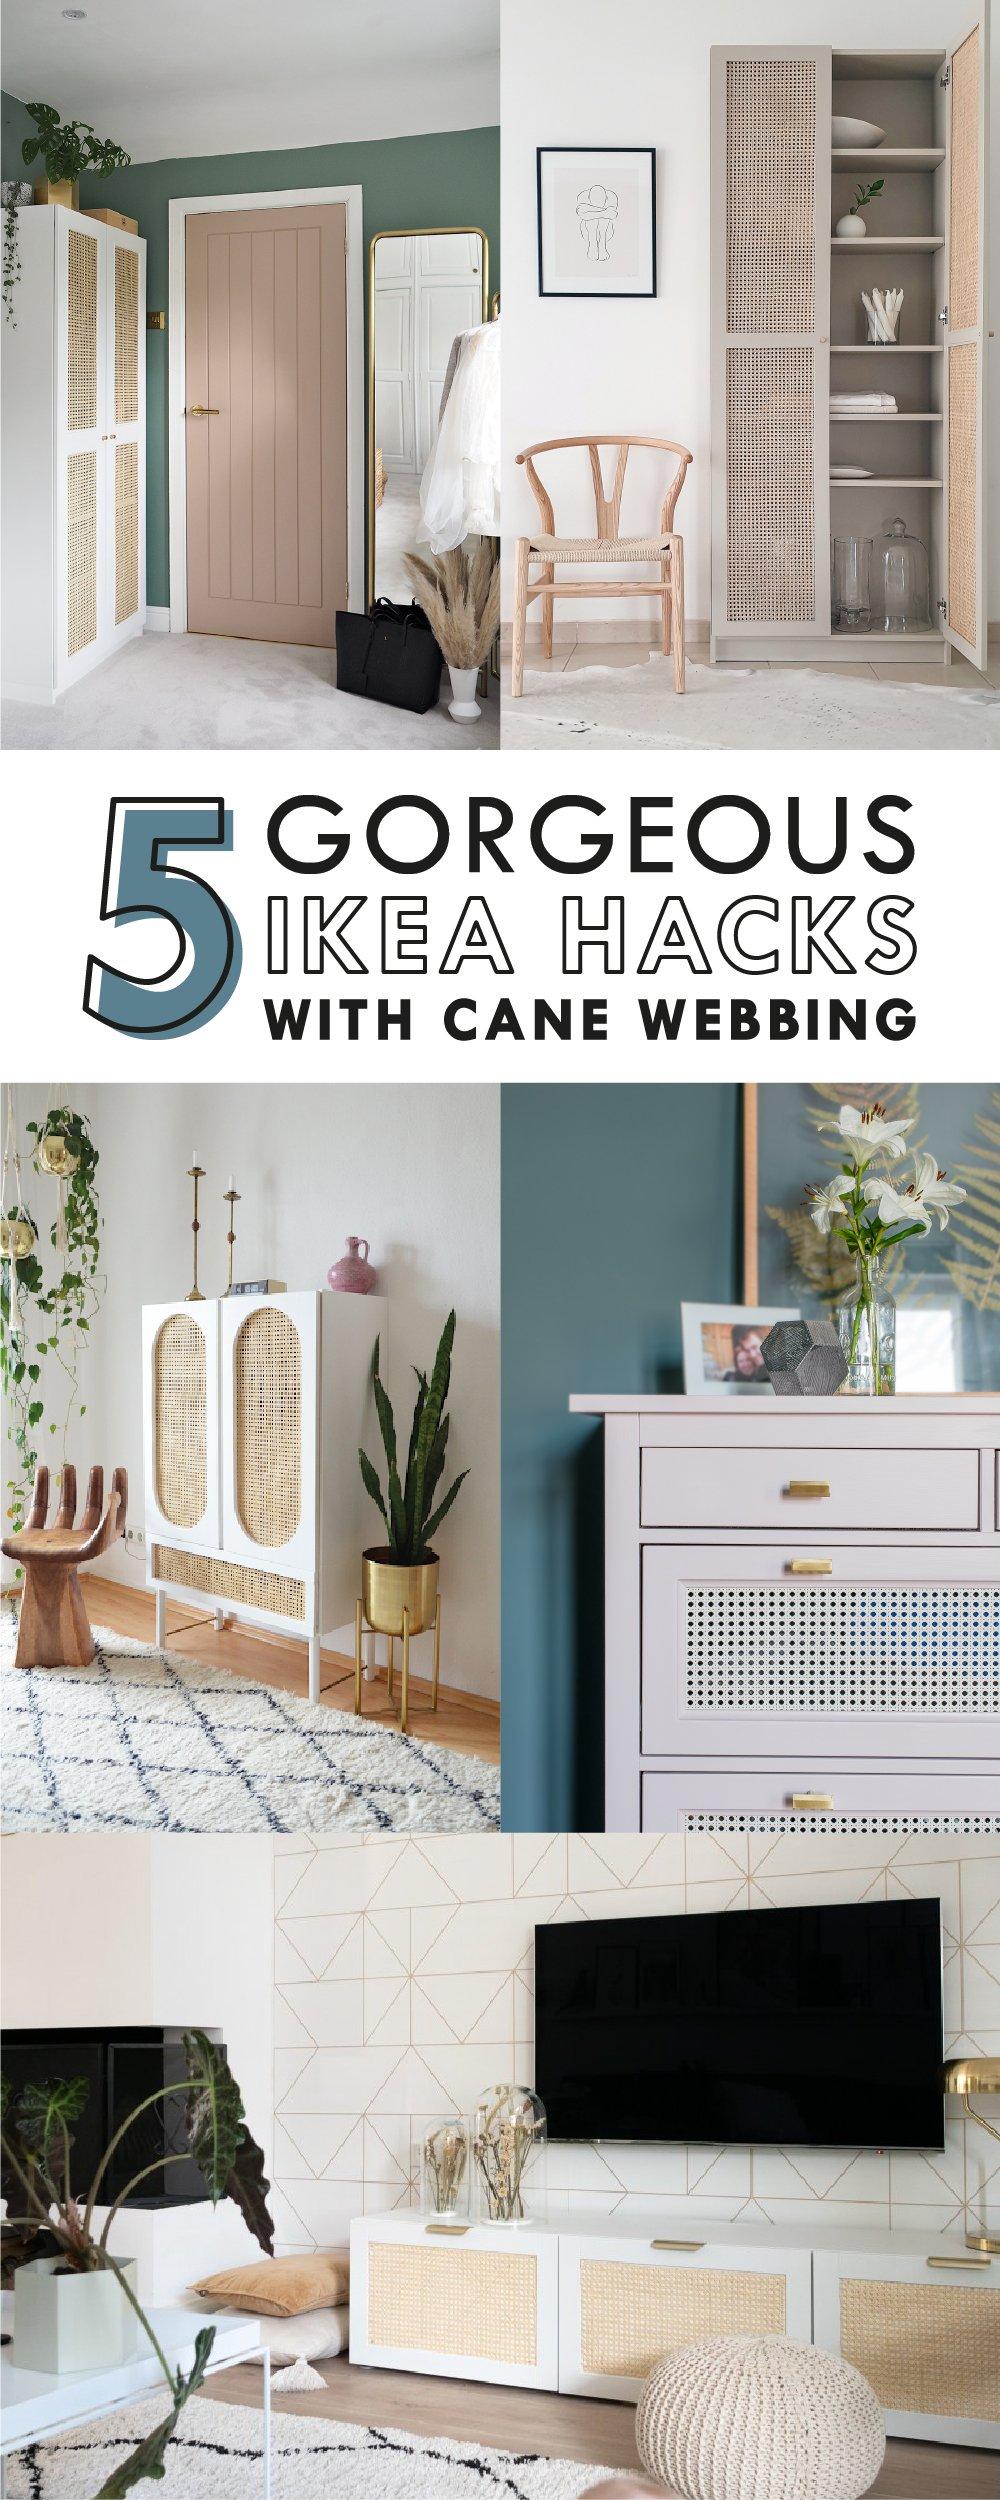 Full Size of 5 Amazing Ikea Hacks With Cane Webbing Betten Bei Sofa Mit Schlaffunktion Miniküche Küche Kaufen 160x200 Kosten Modulküche Wohnzimmer Ikea Hacks